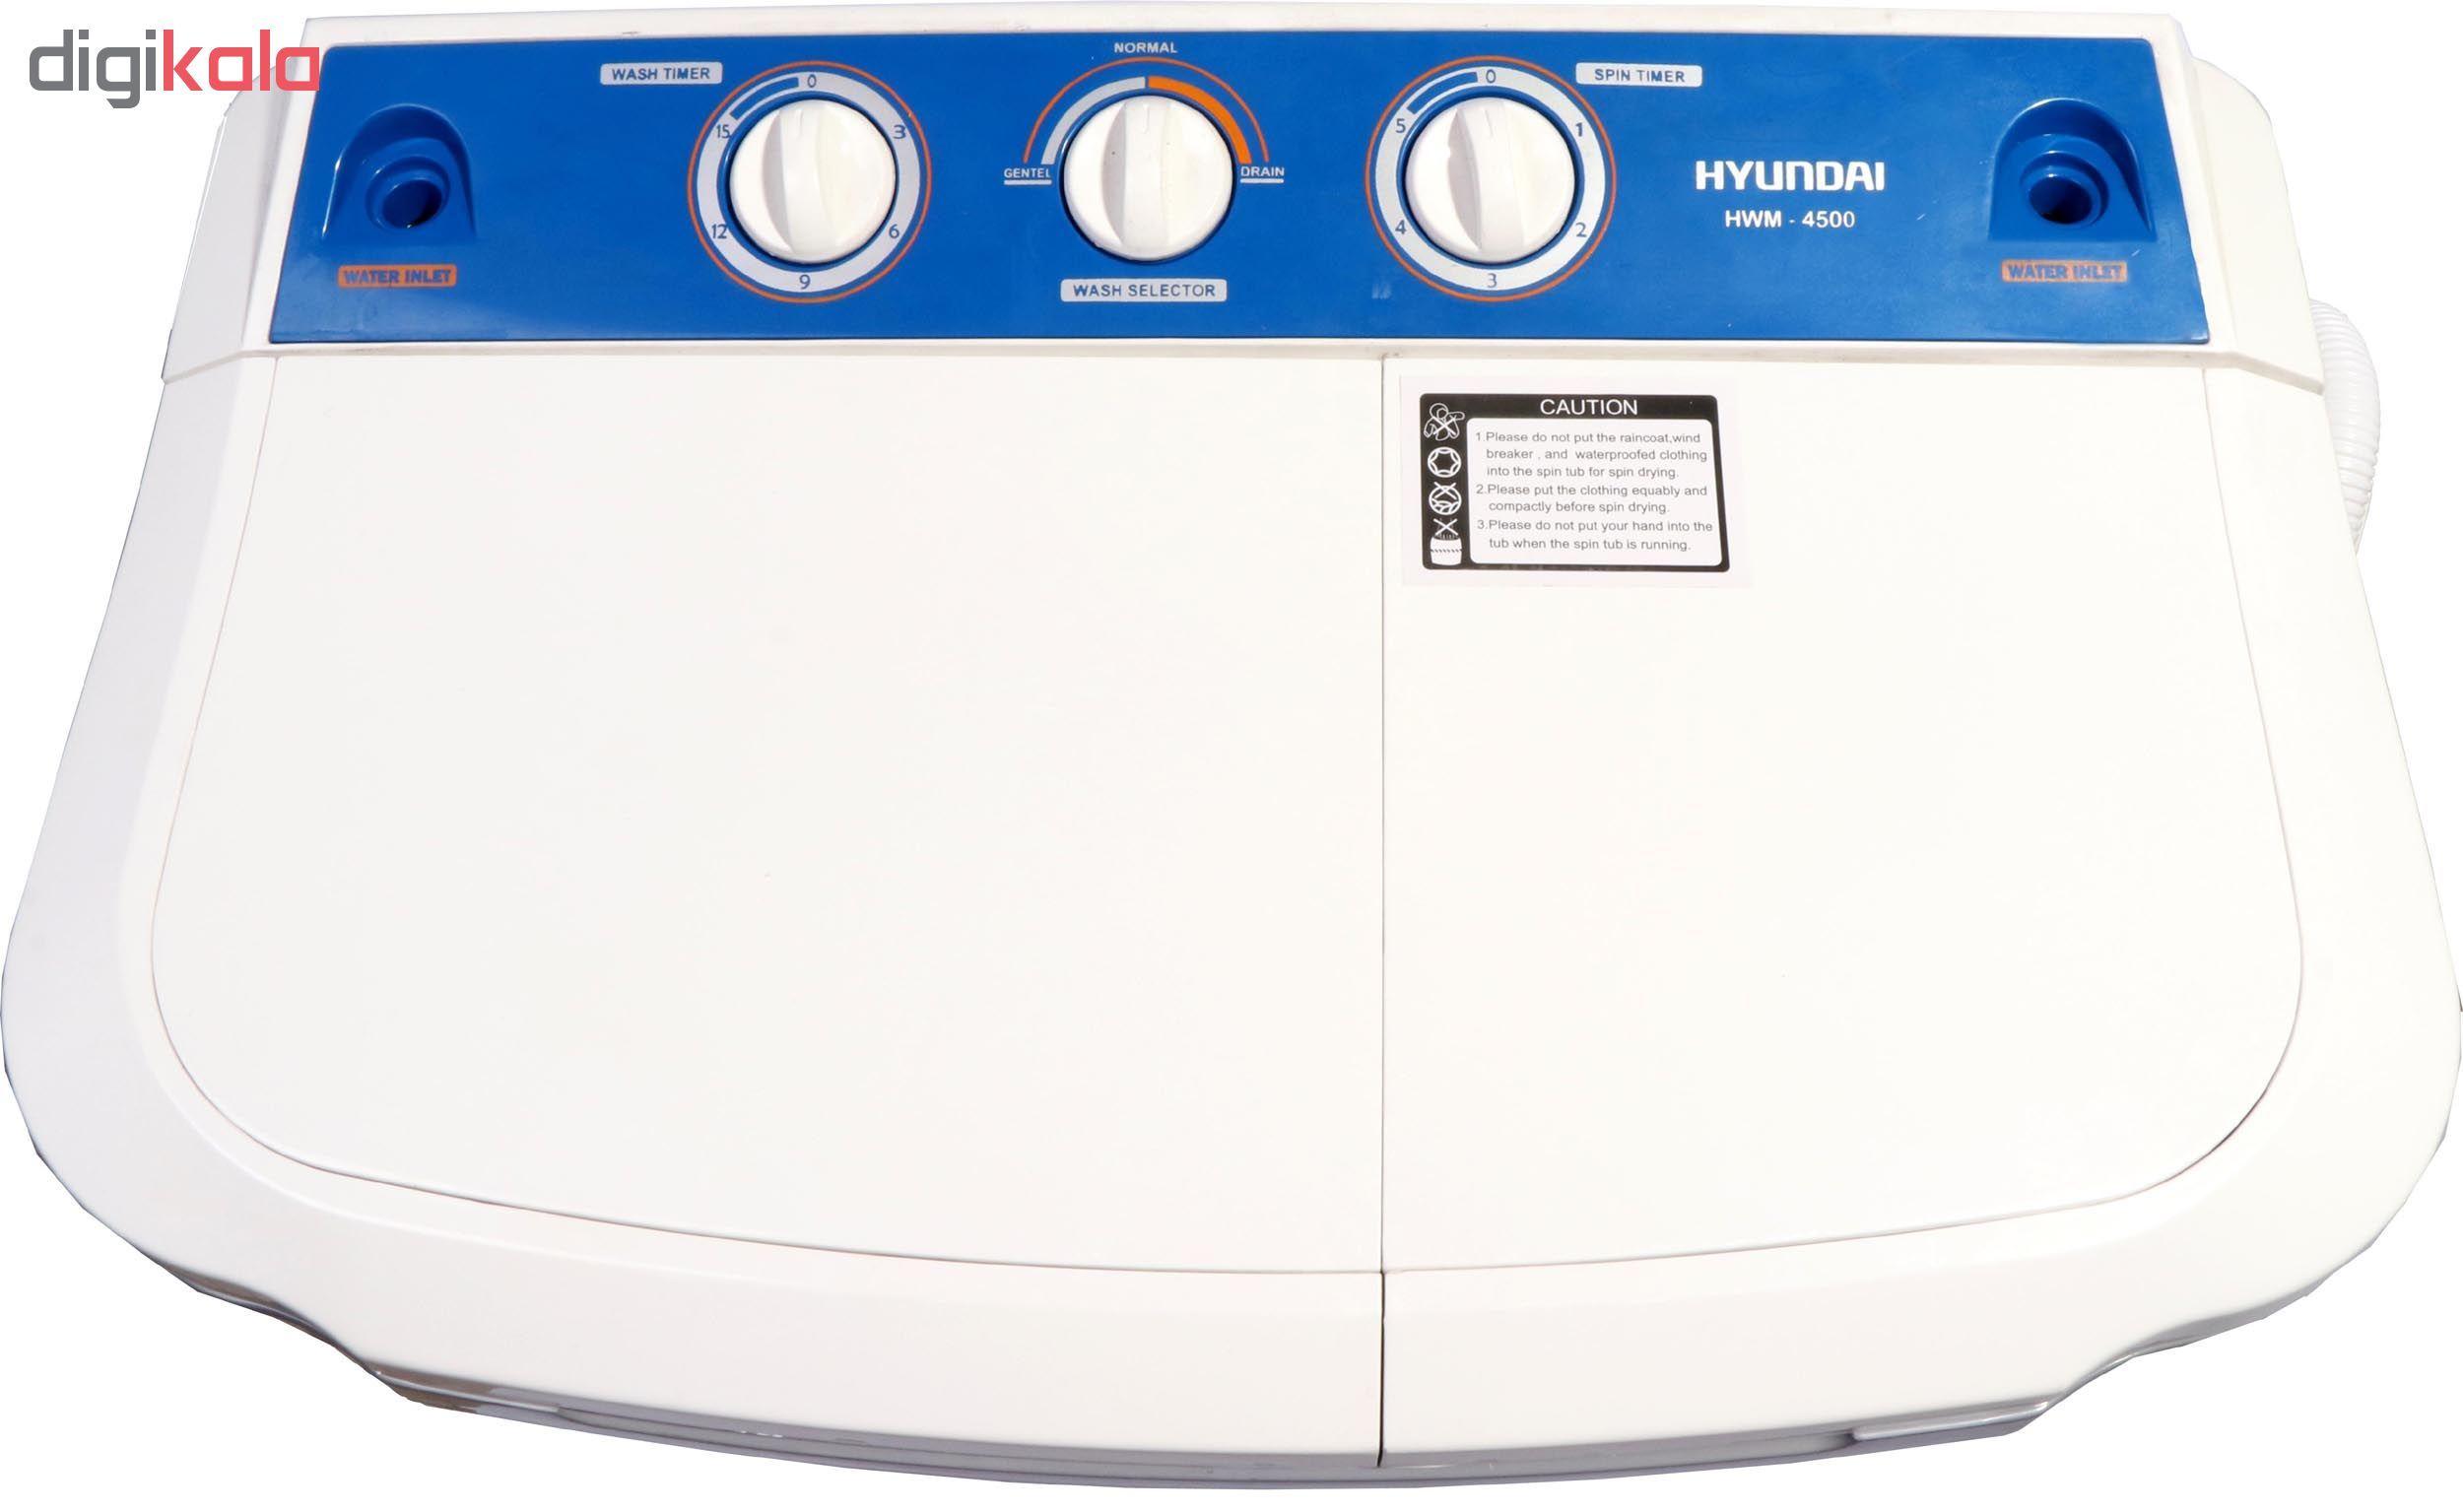 ماشین لباسشویی هیوندای مدل HWM-4500 ظرفیت 4.5 کیلوگرم main 1 7